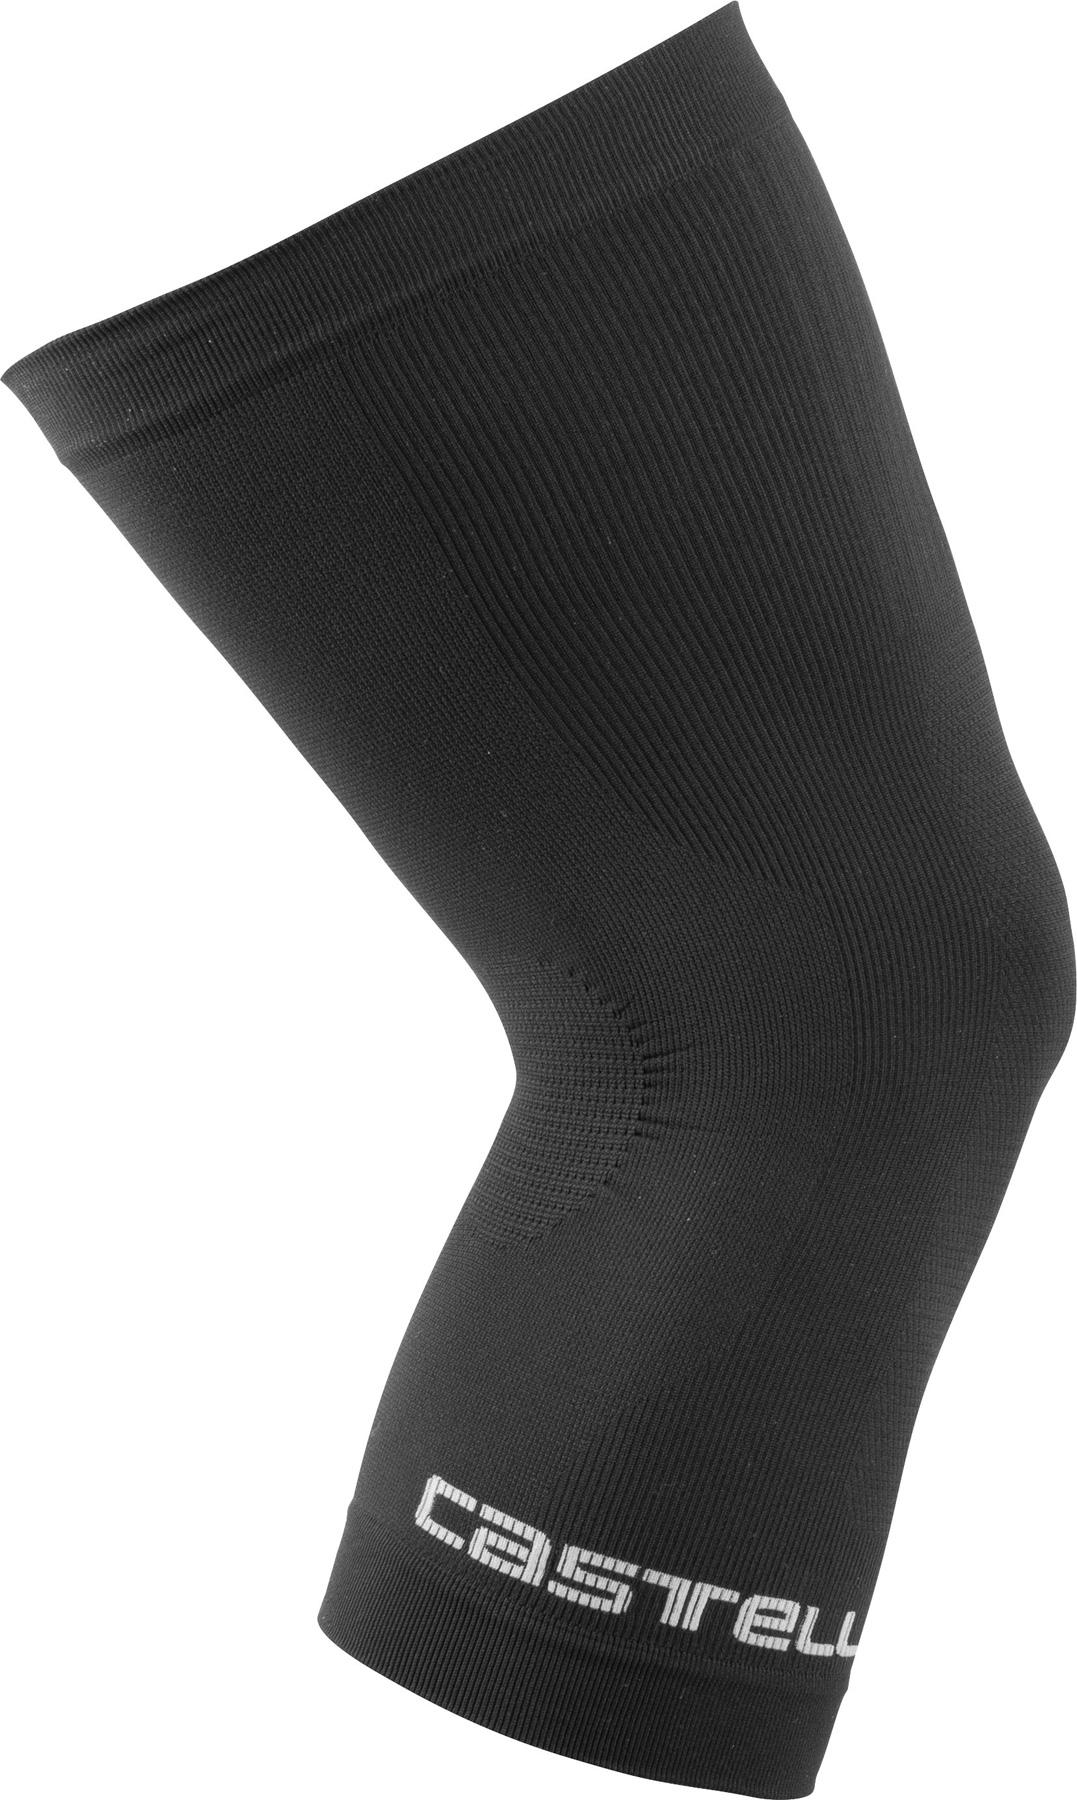 Produktbild von Castelli Pro Seamless Knielinge - black 010